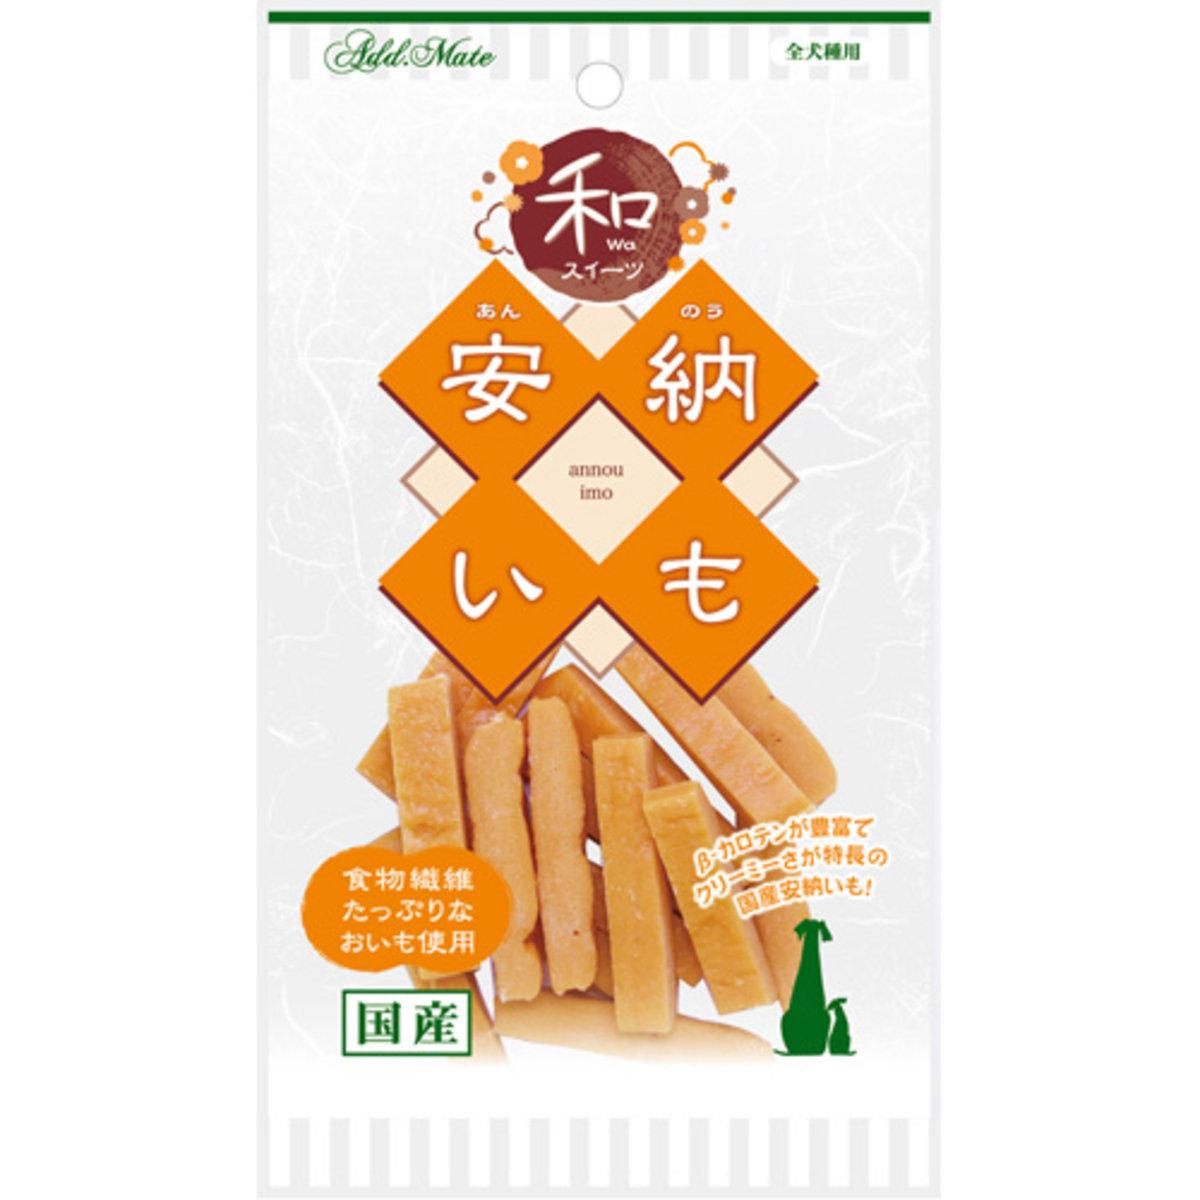 狗小食日本甘薯條 (安納紅) #C17 (A12747) (最佳食用日期:30/07/2019)